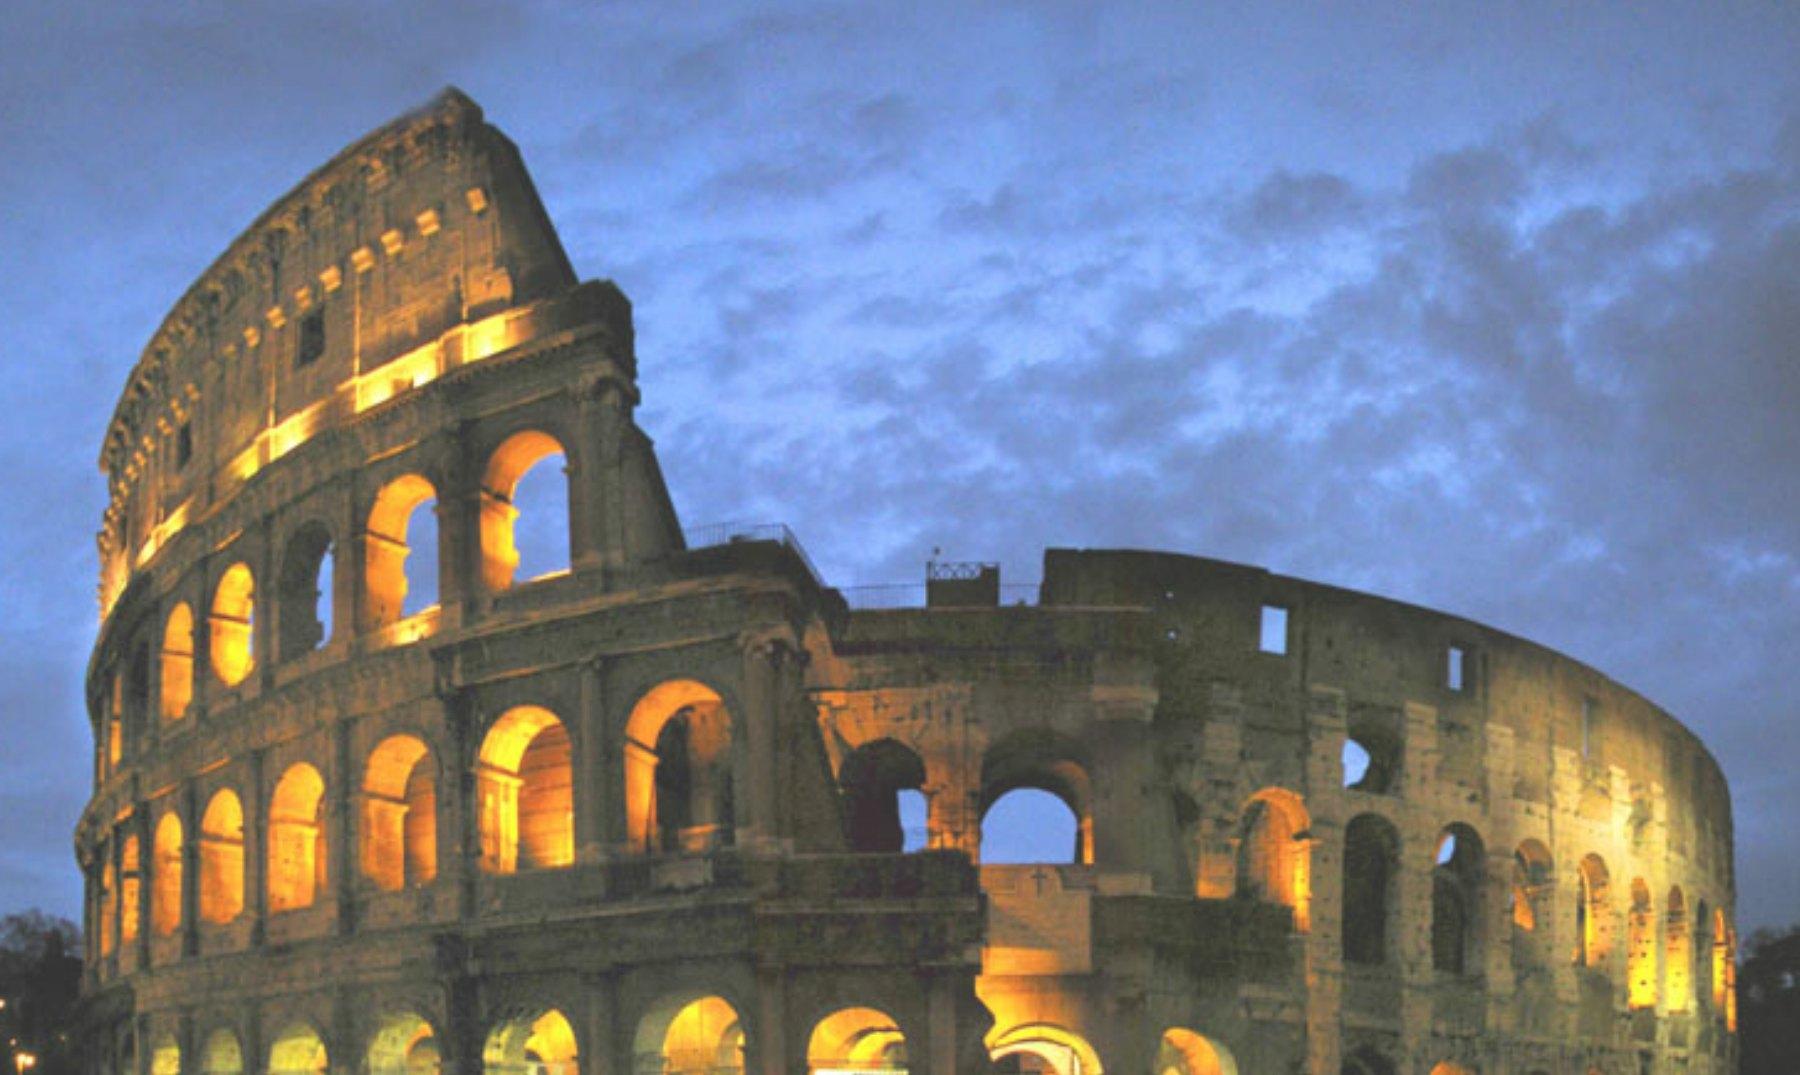 Matrimonio En El Imperio Romano : Algunas curiosidades del imperio romano parte i